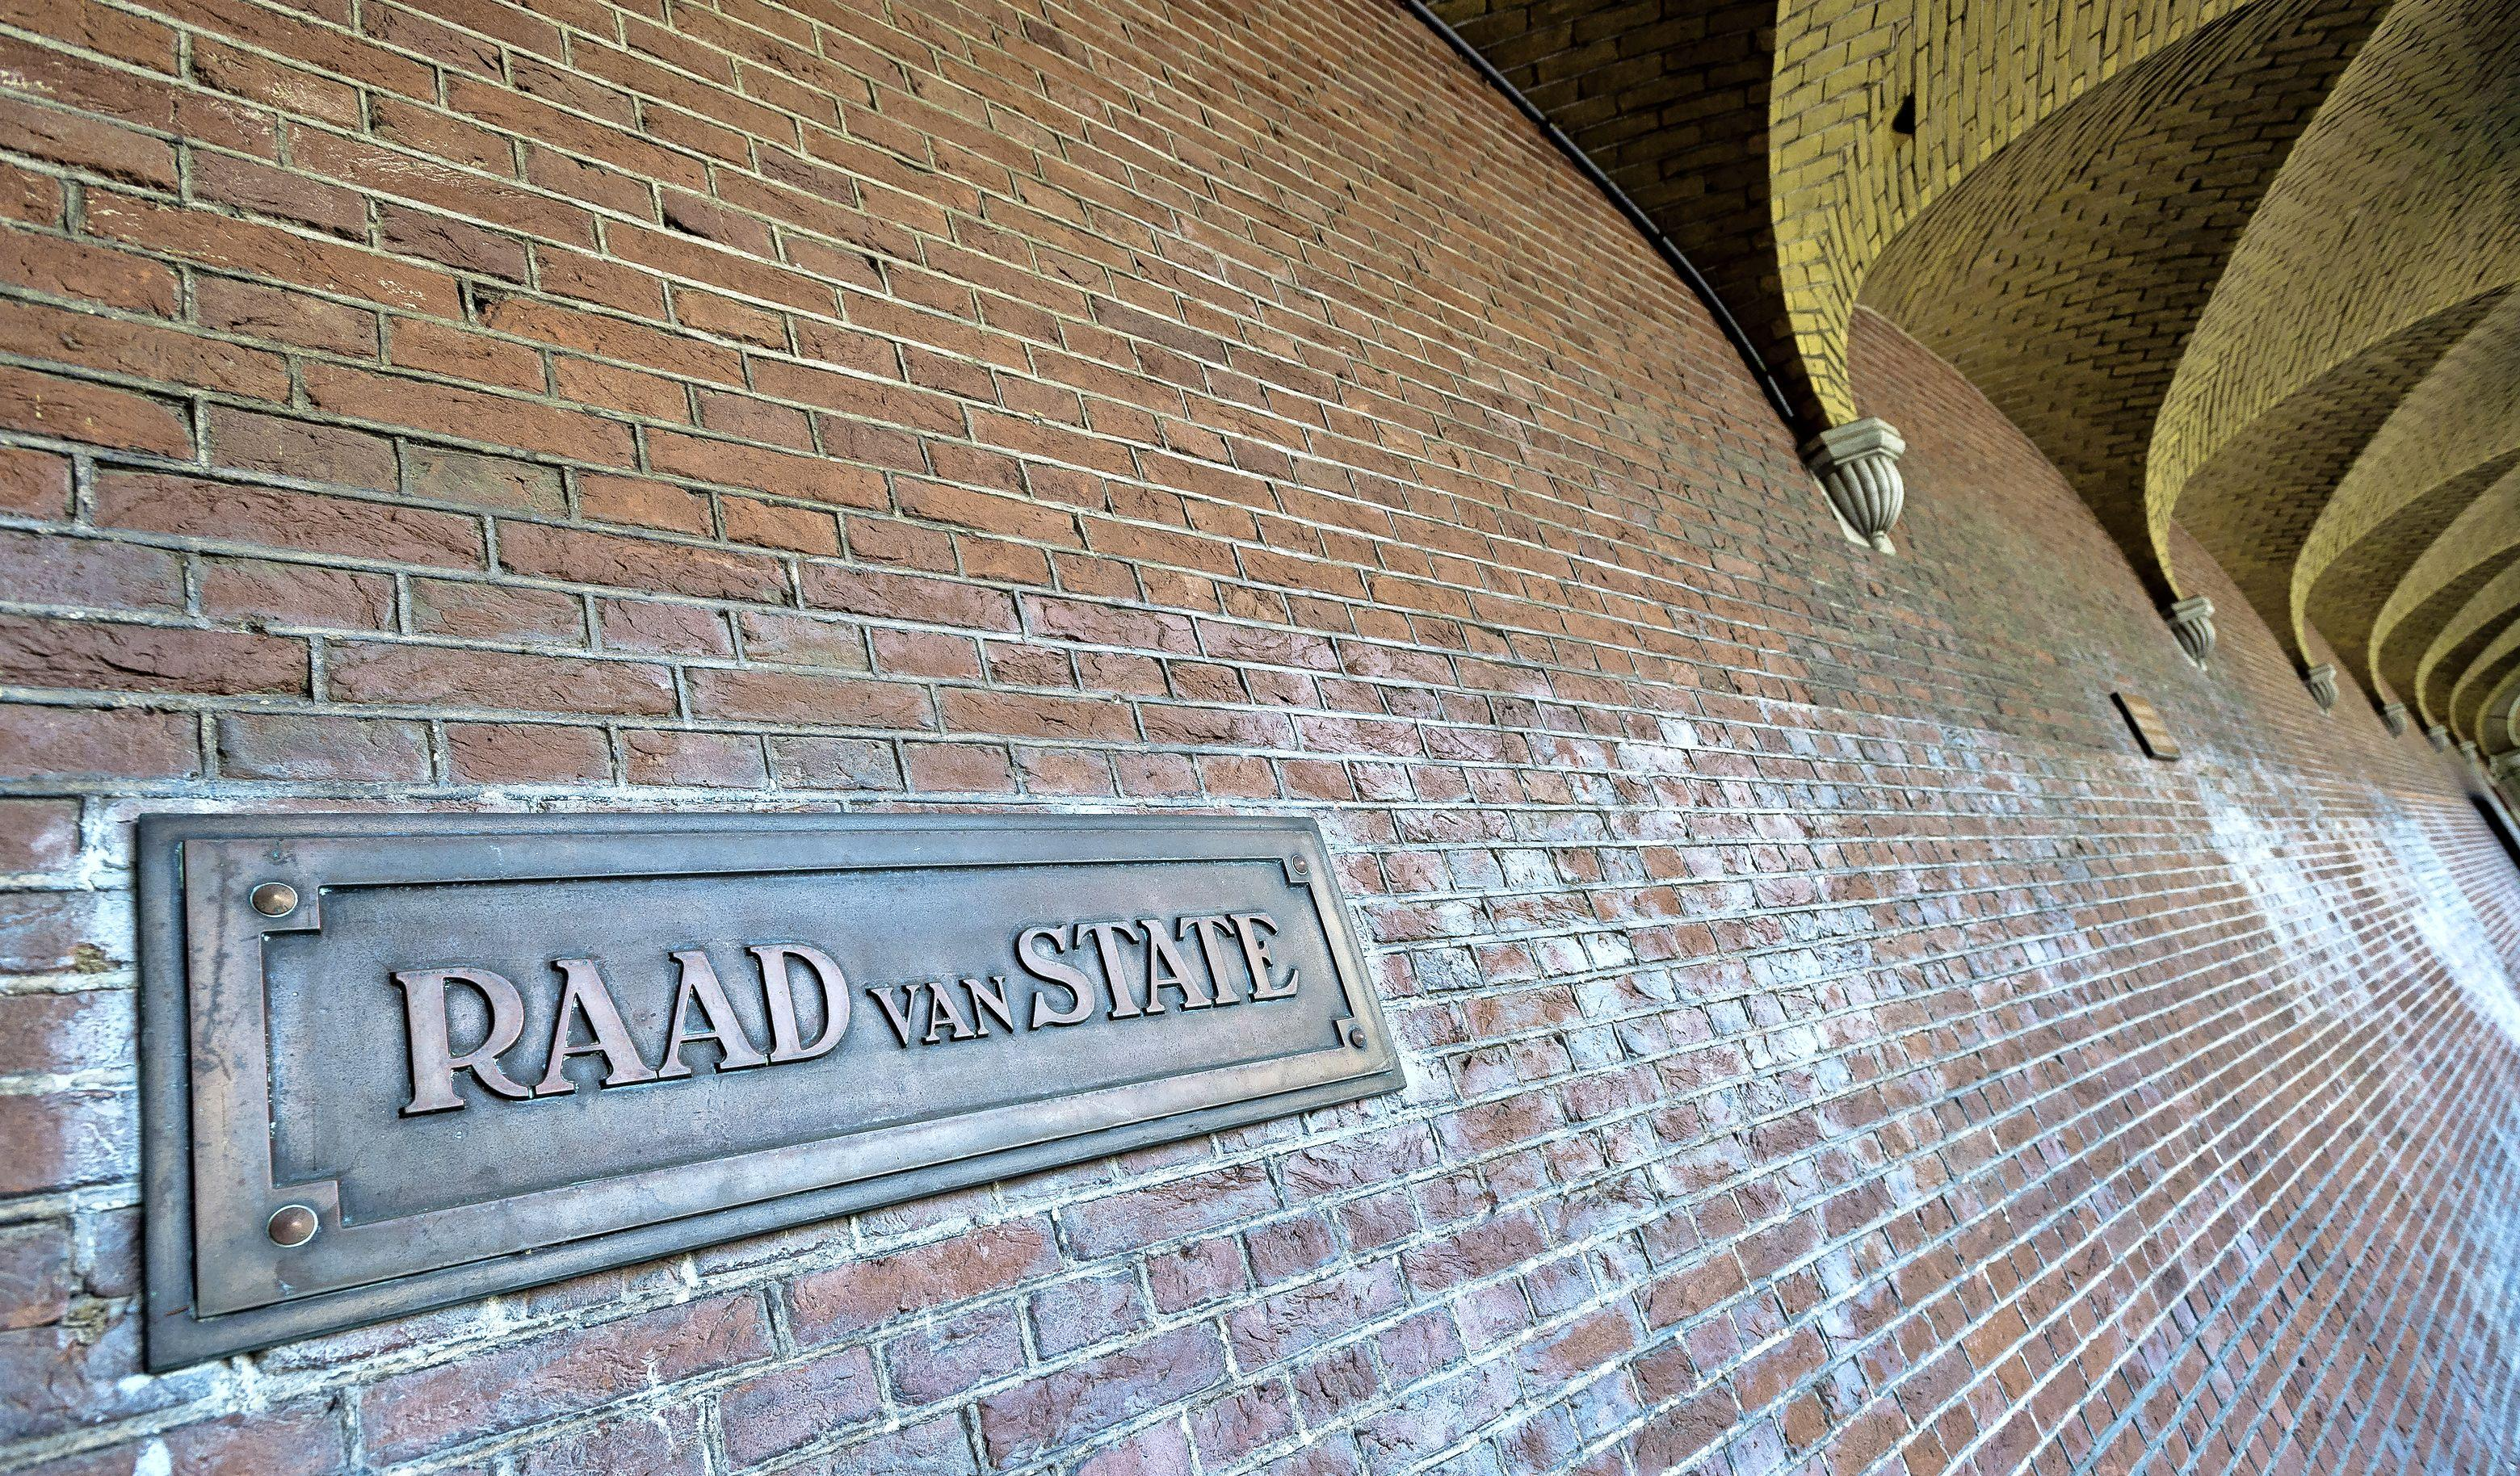 Volkstuinbezitters voelen zich weggezet als 'rommelaars': juridisch steekspel rond complex in Santpoort-Noord